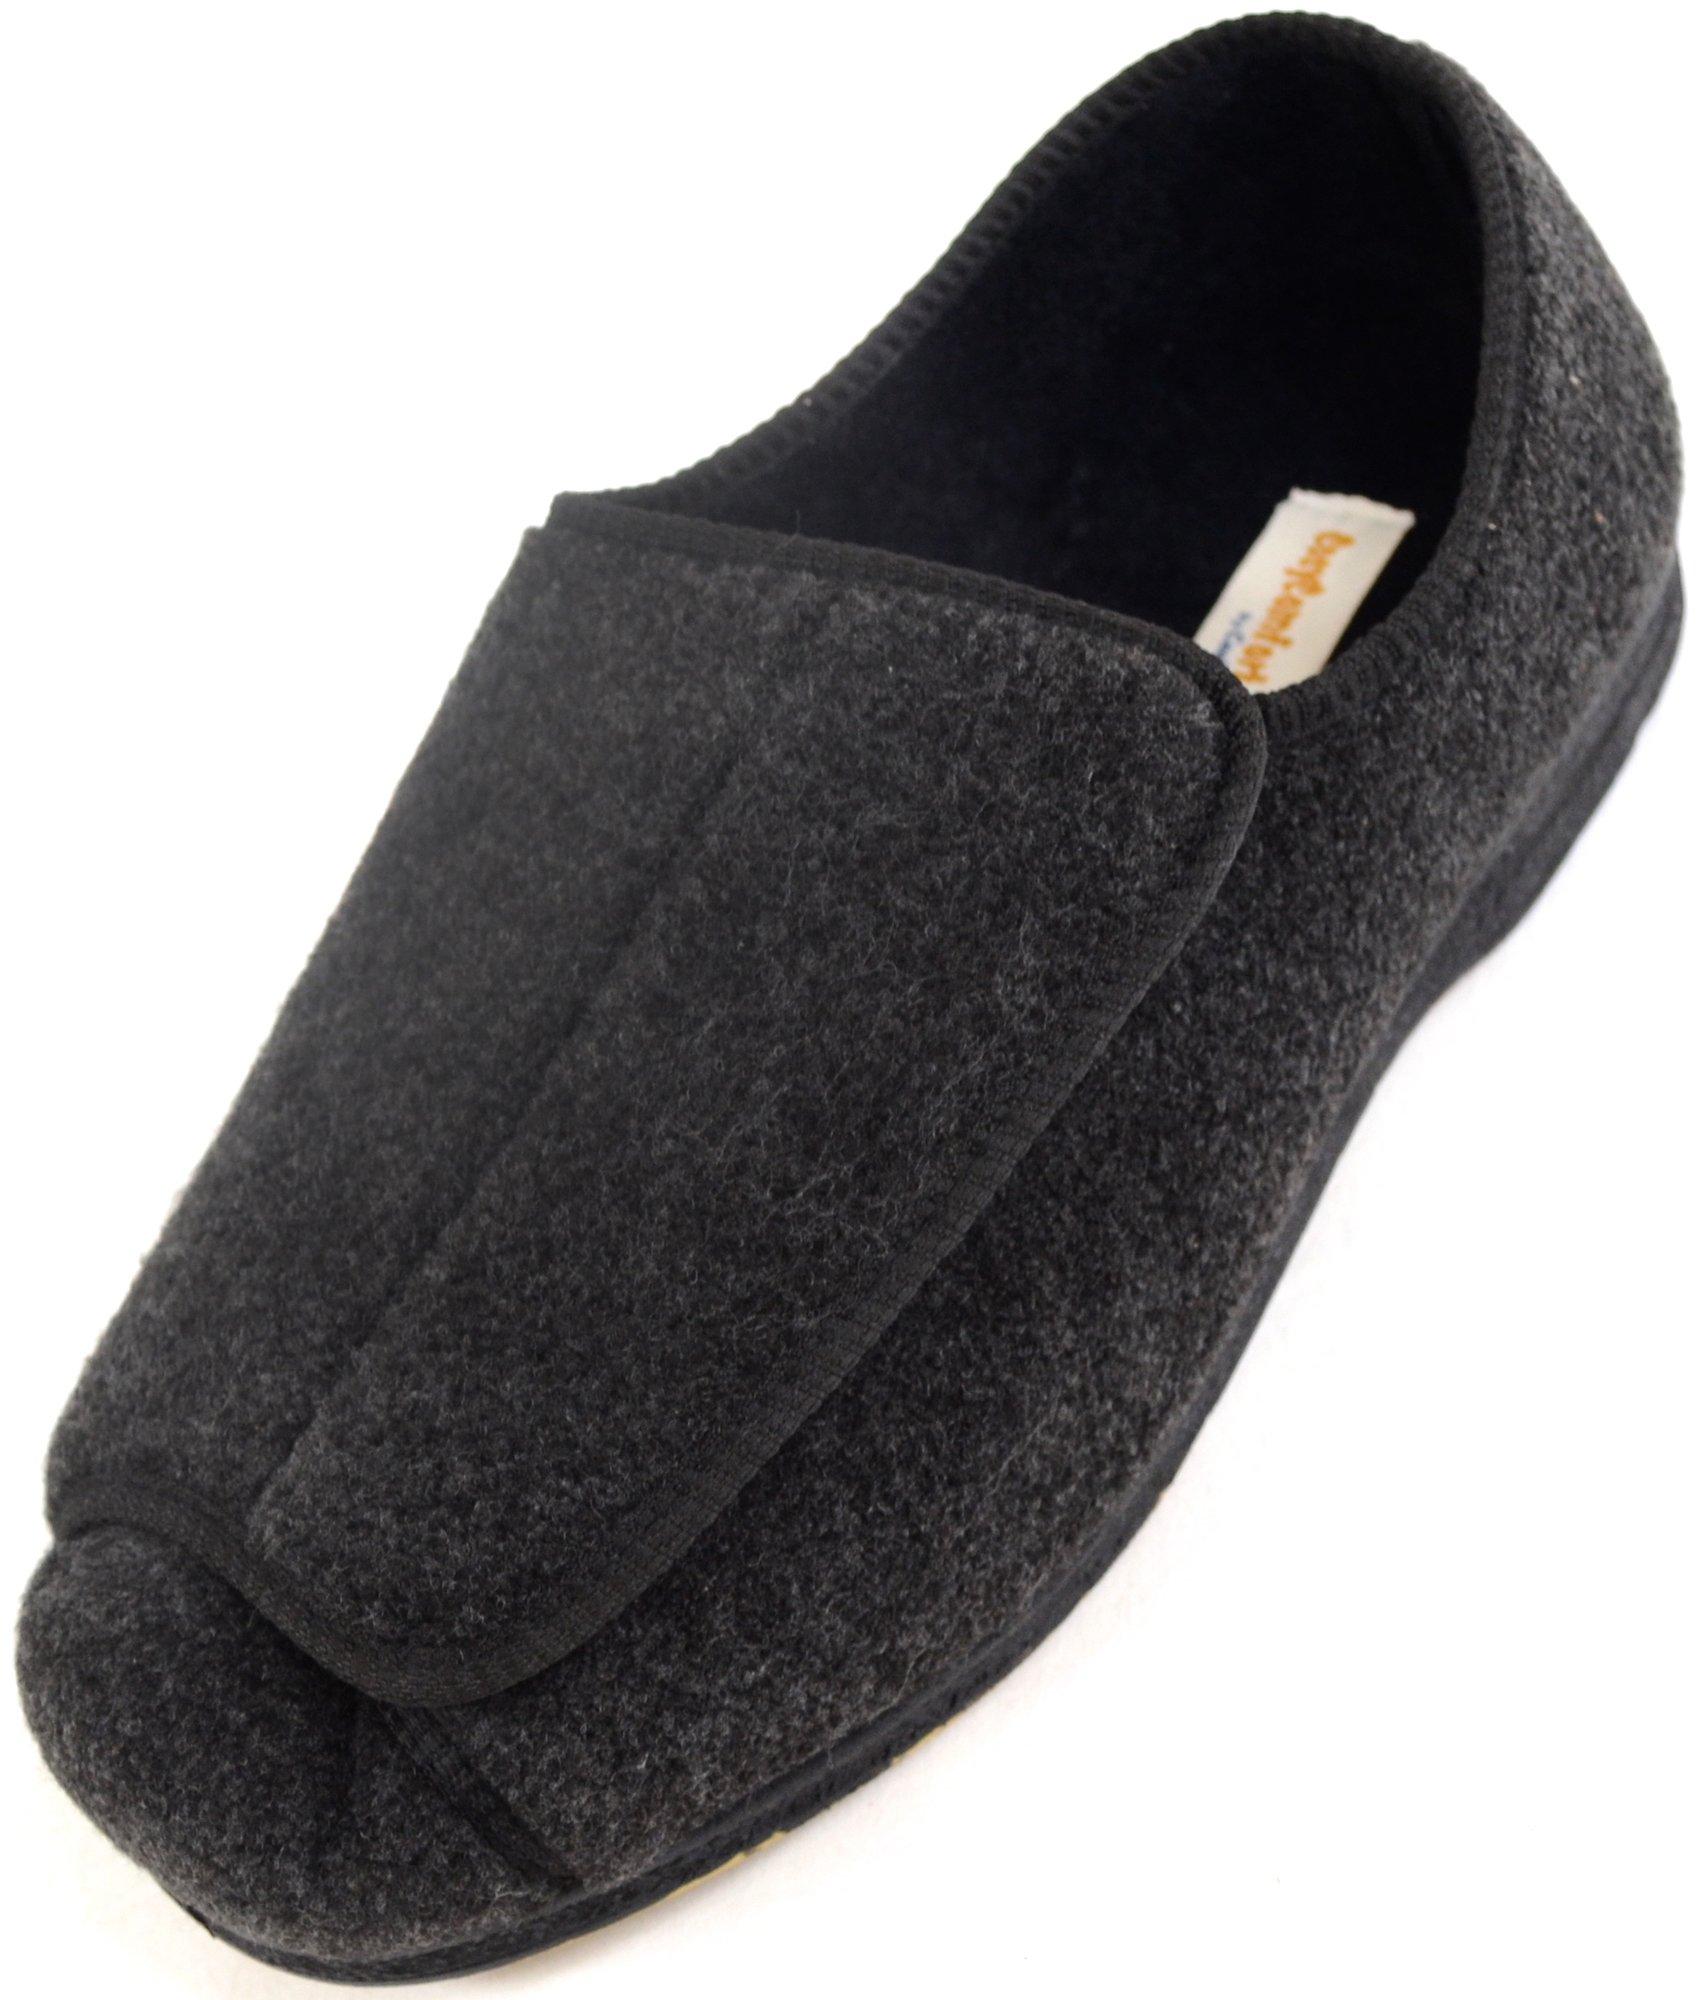 SNUGRUGS Mens Orthopaedic/EEE Wide Fit Adjustable Slipper Boot/Slippers - Grey - 8 US